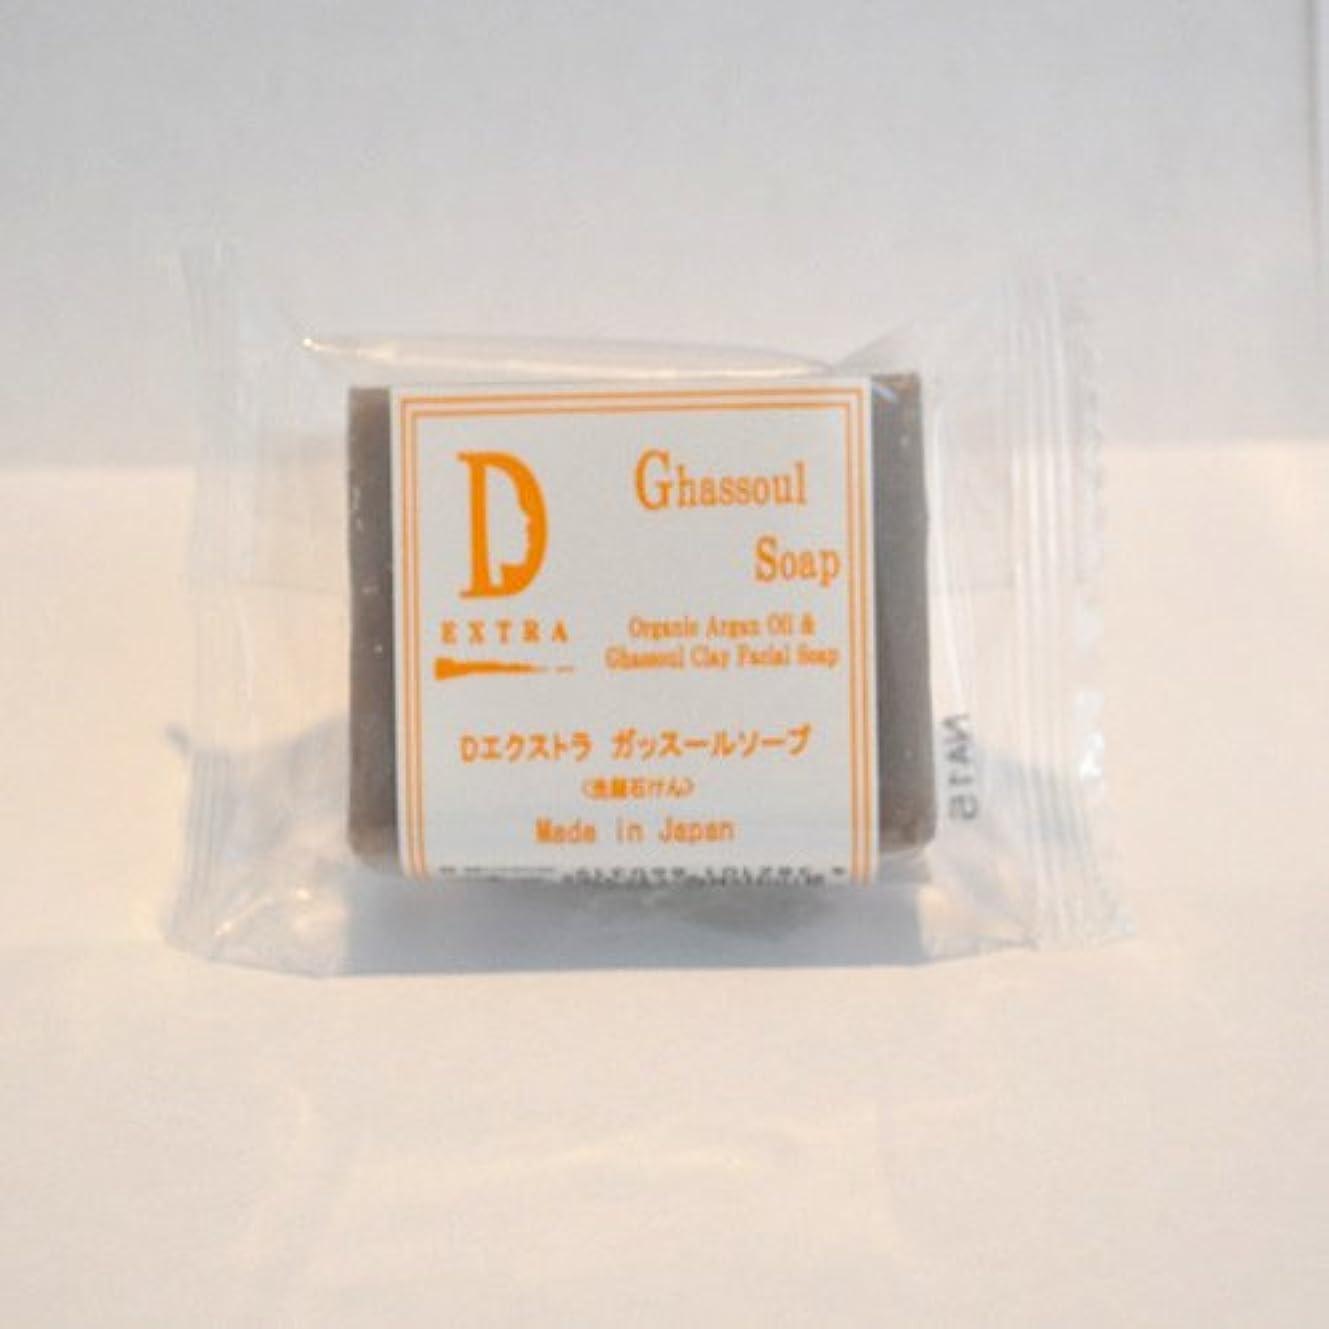 蒸し器または部屋を掃除するDエクストラ ガッスールソープ 25g